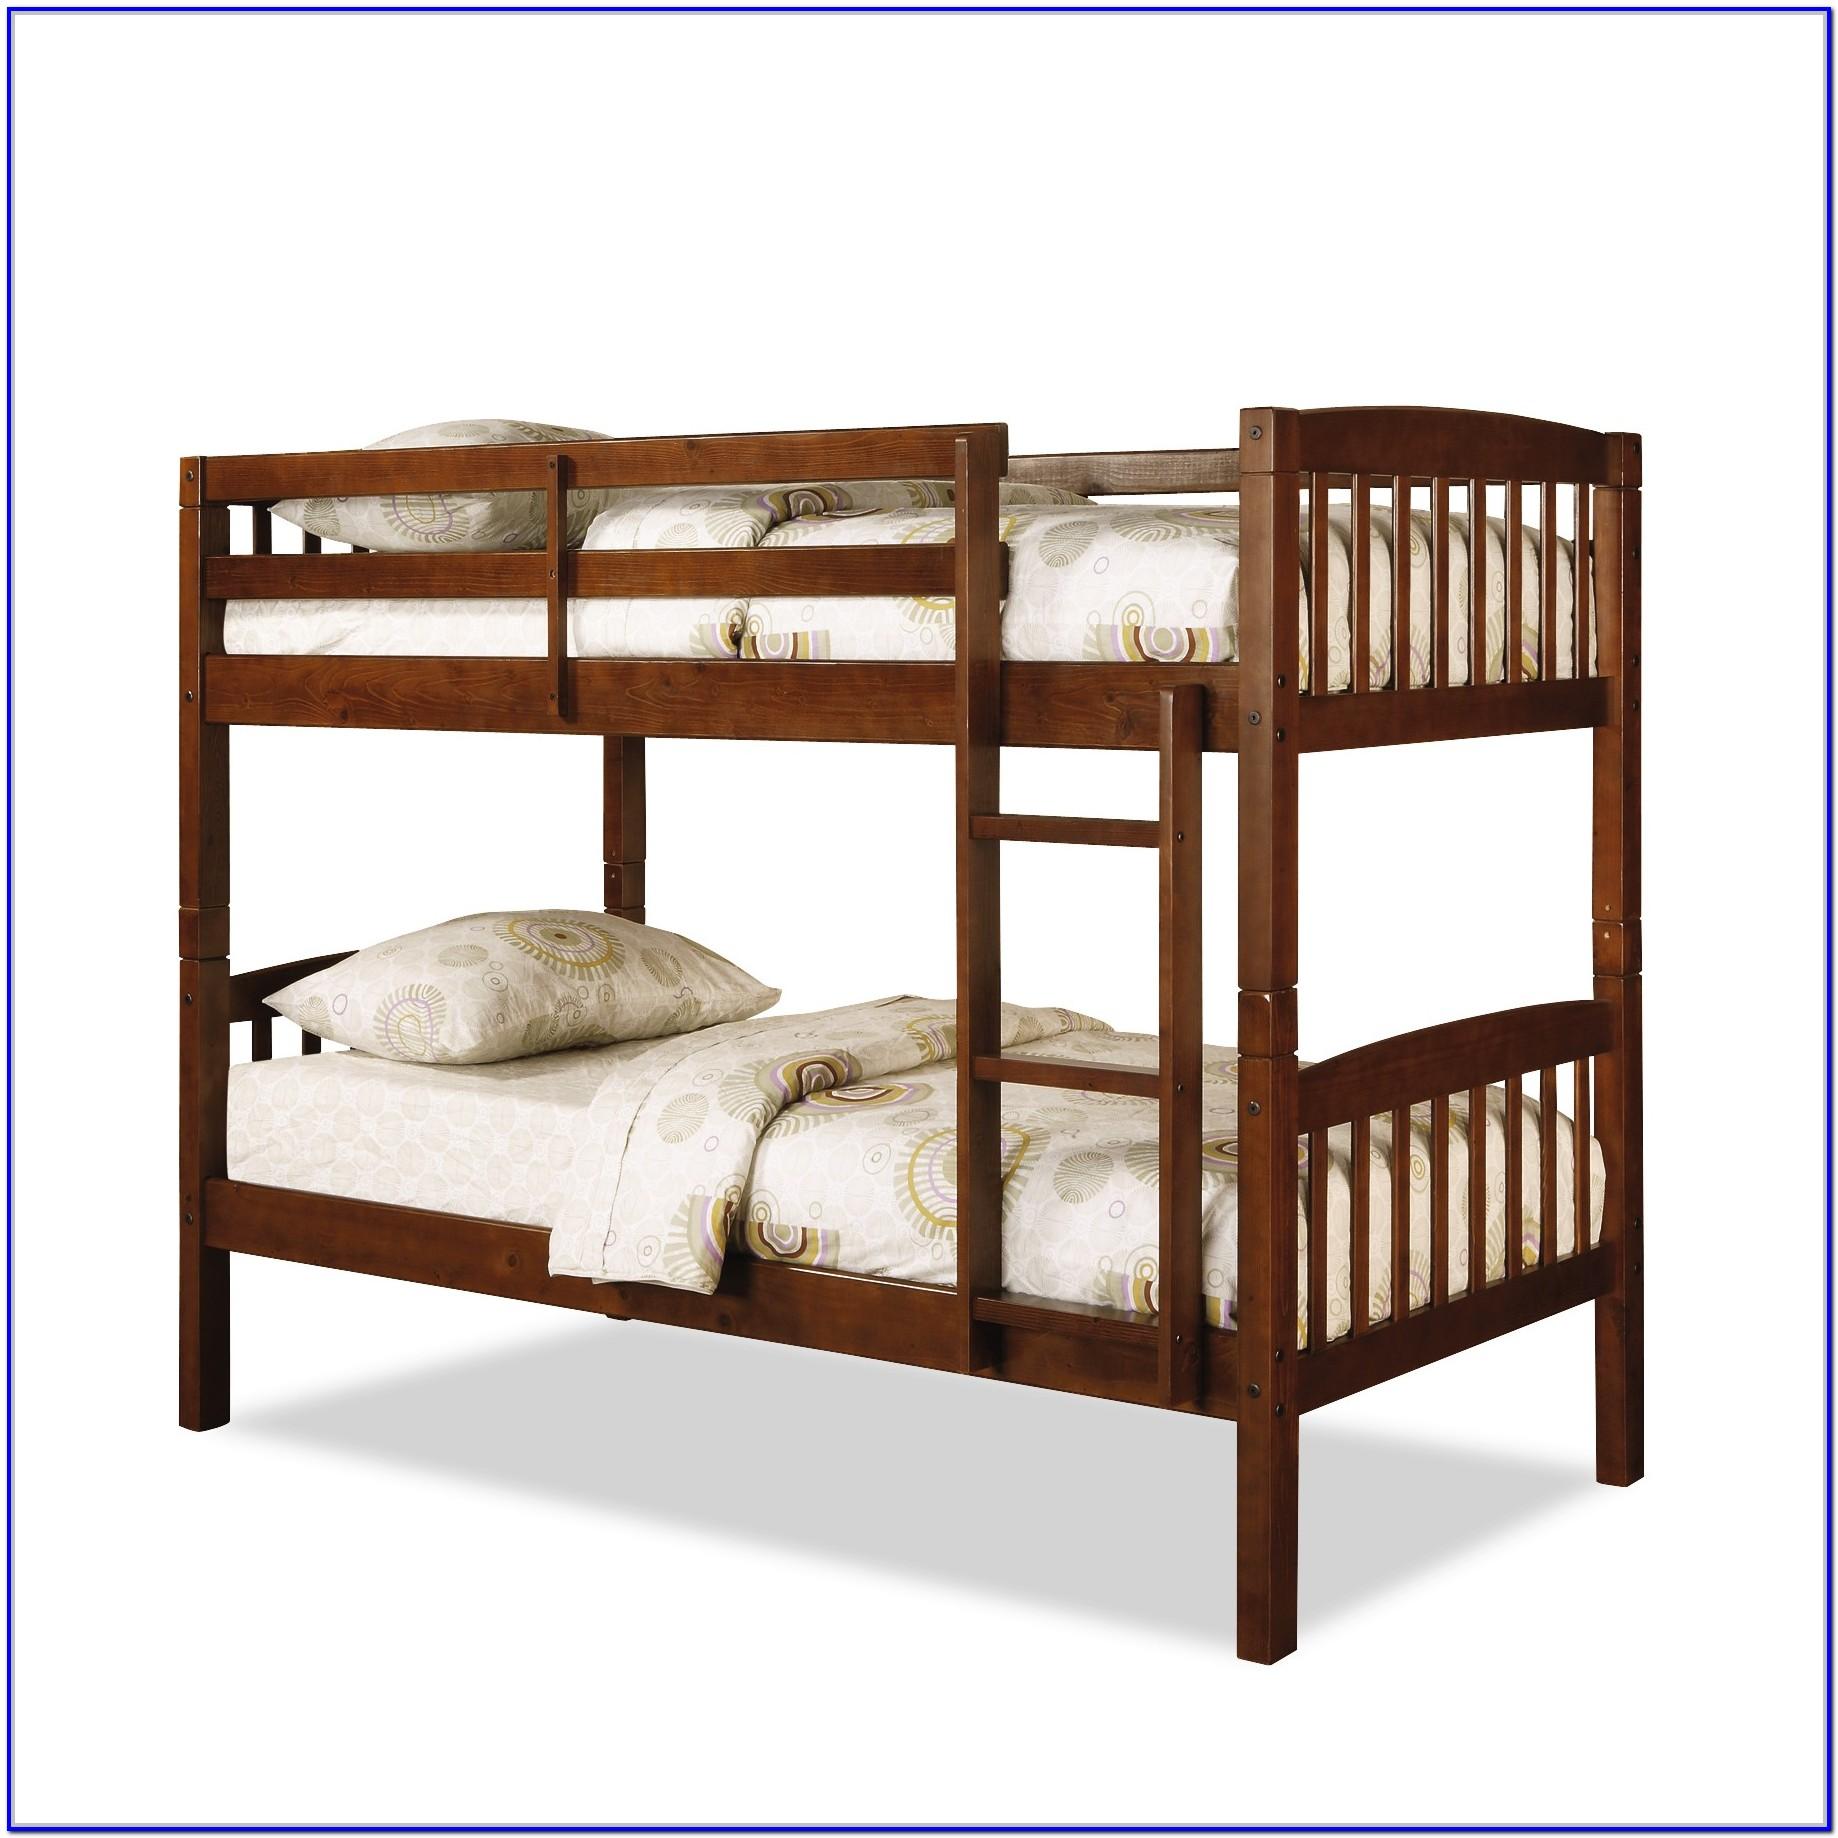 Hurlbert Twin Bunk Bed With Mattress